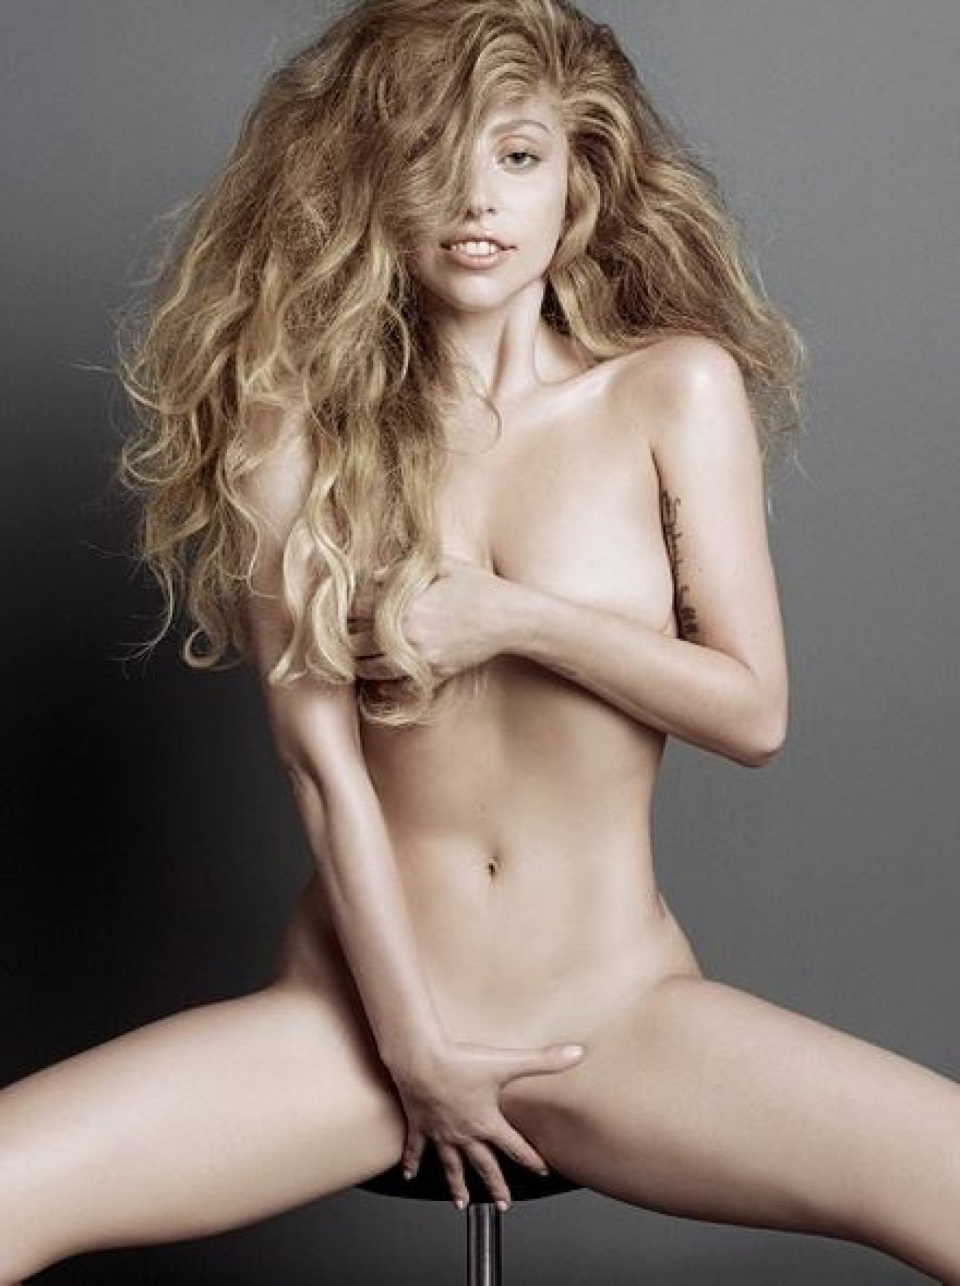 naked lady gaga nude full size